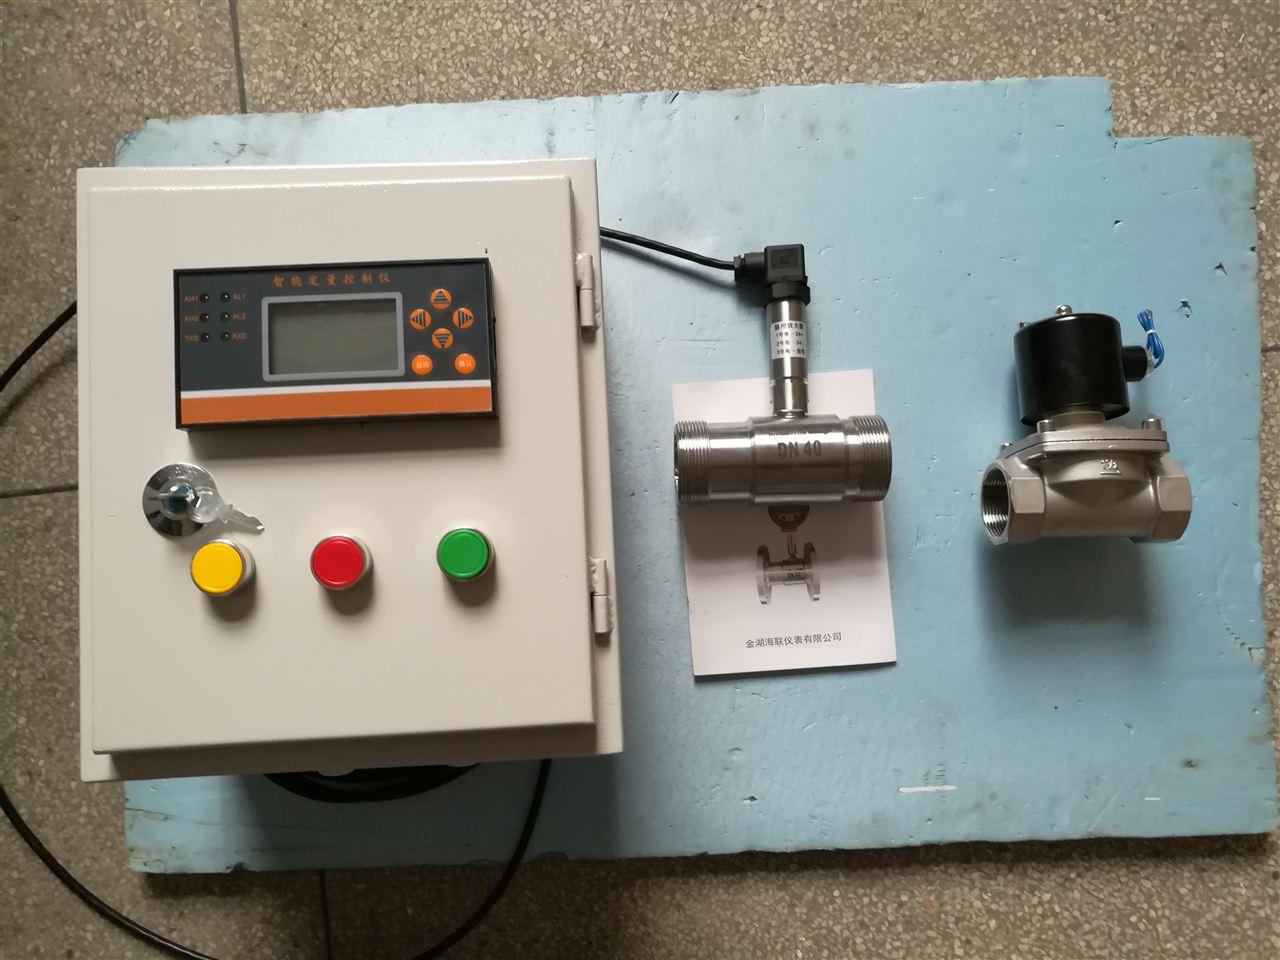 海联仪表-智能定量控制仪